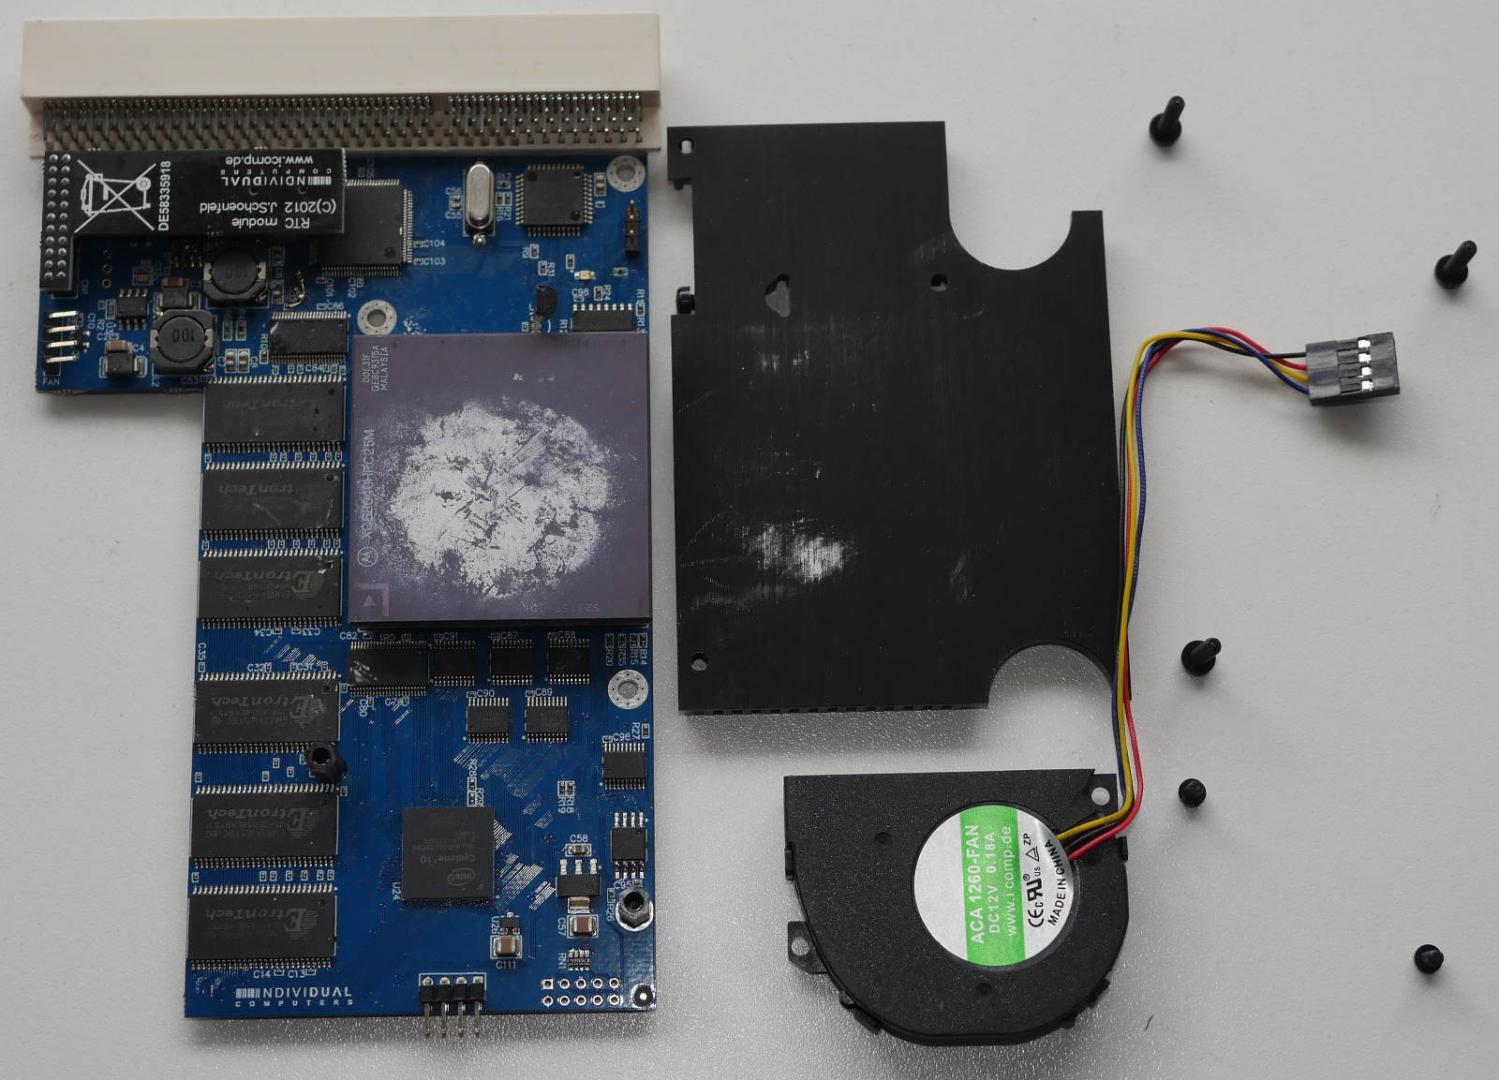 Klikněte na obrázek pro zobrazení větší verze  Název: ACA1260_Cooling_parts.jpg Zobrazeno: 66 Velikost: 167,9 KB ID: 9937